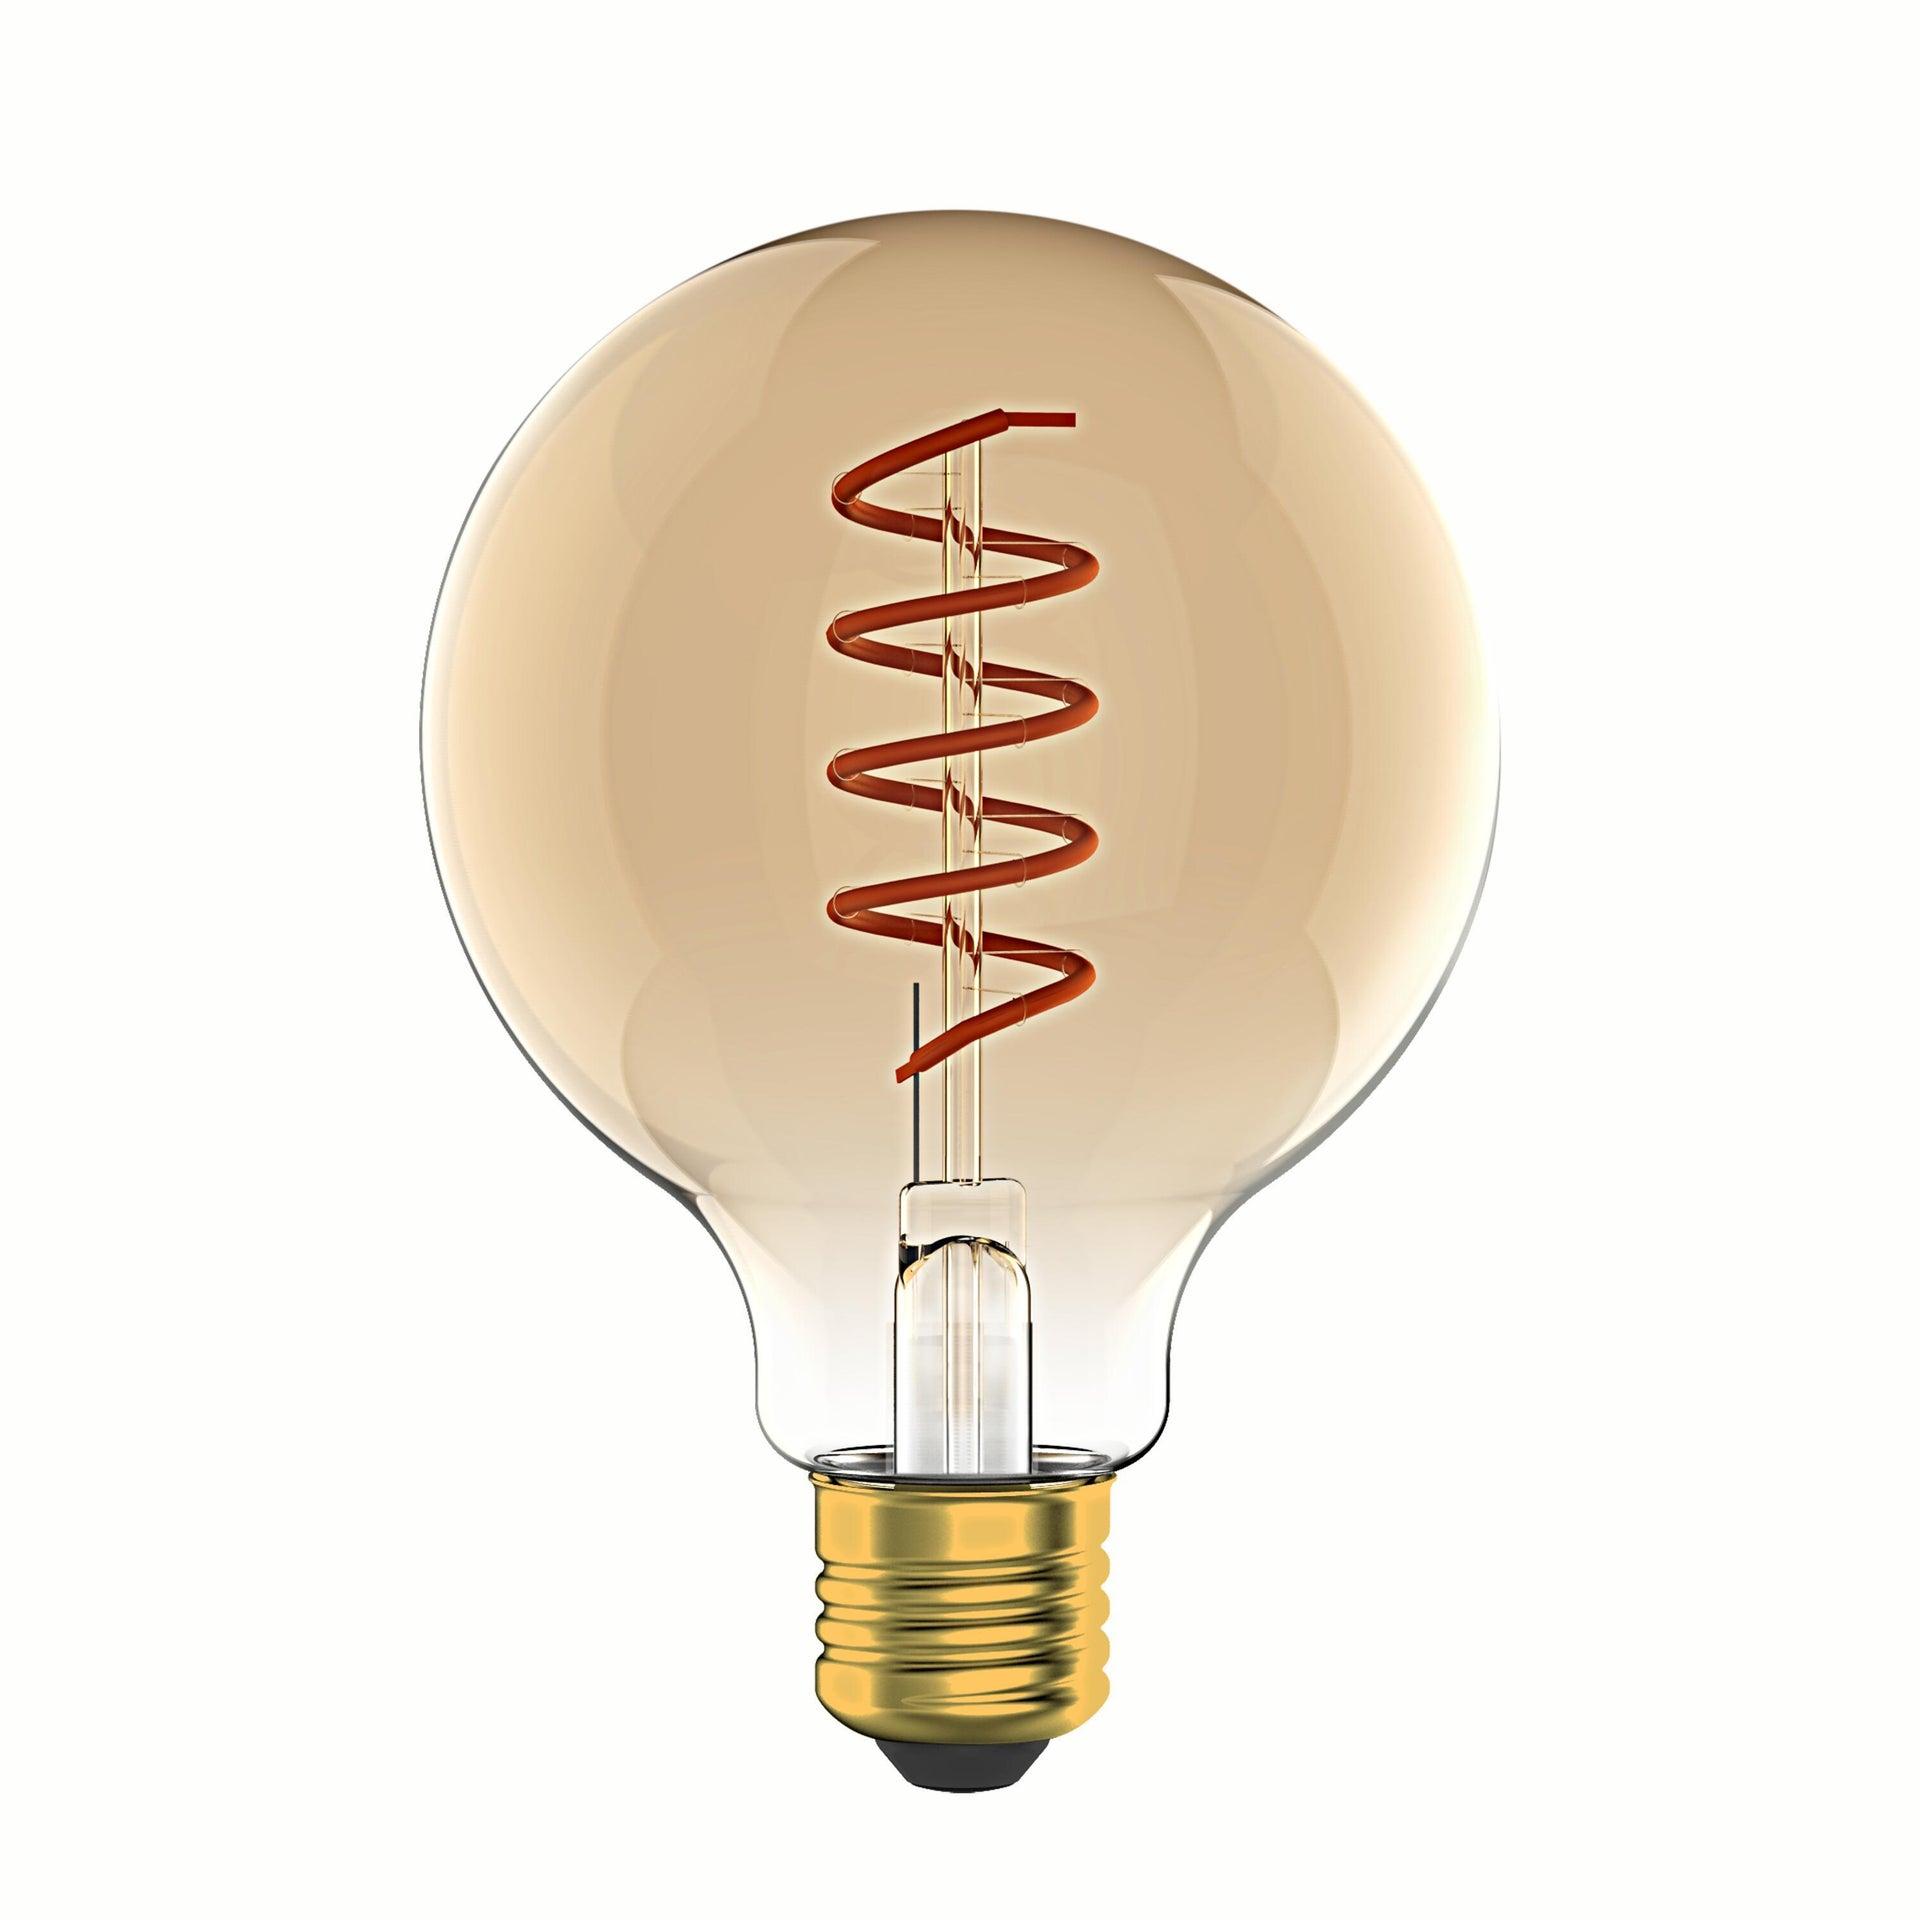 Lampadina LED, E27, Globo, Ambra, Luce calda, 6W=400LM (equiv 35 W), 360° , LEXMAN - 1